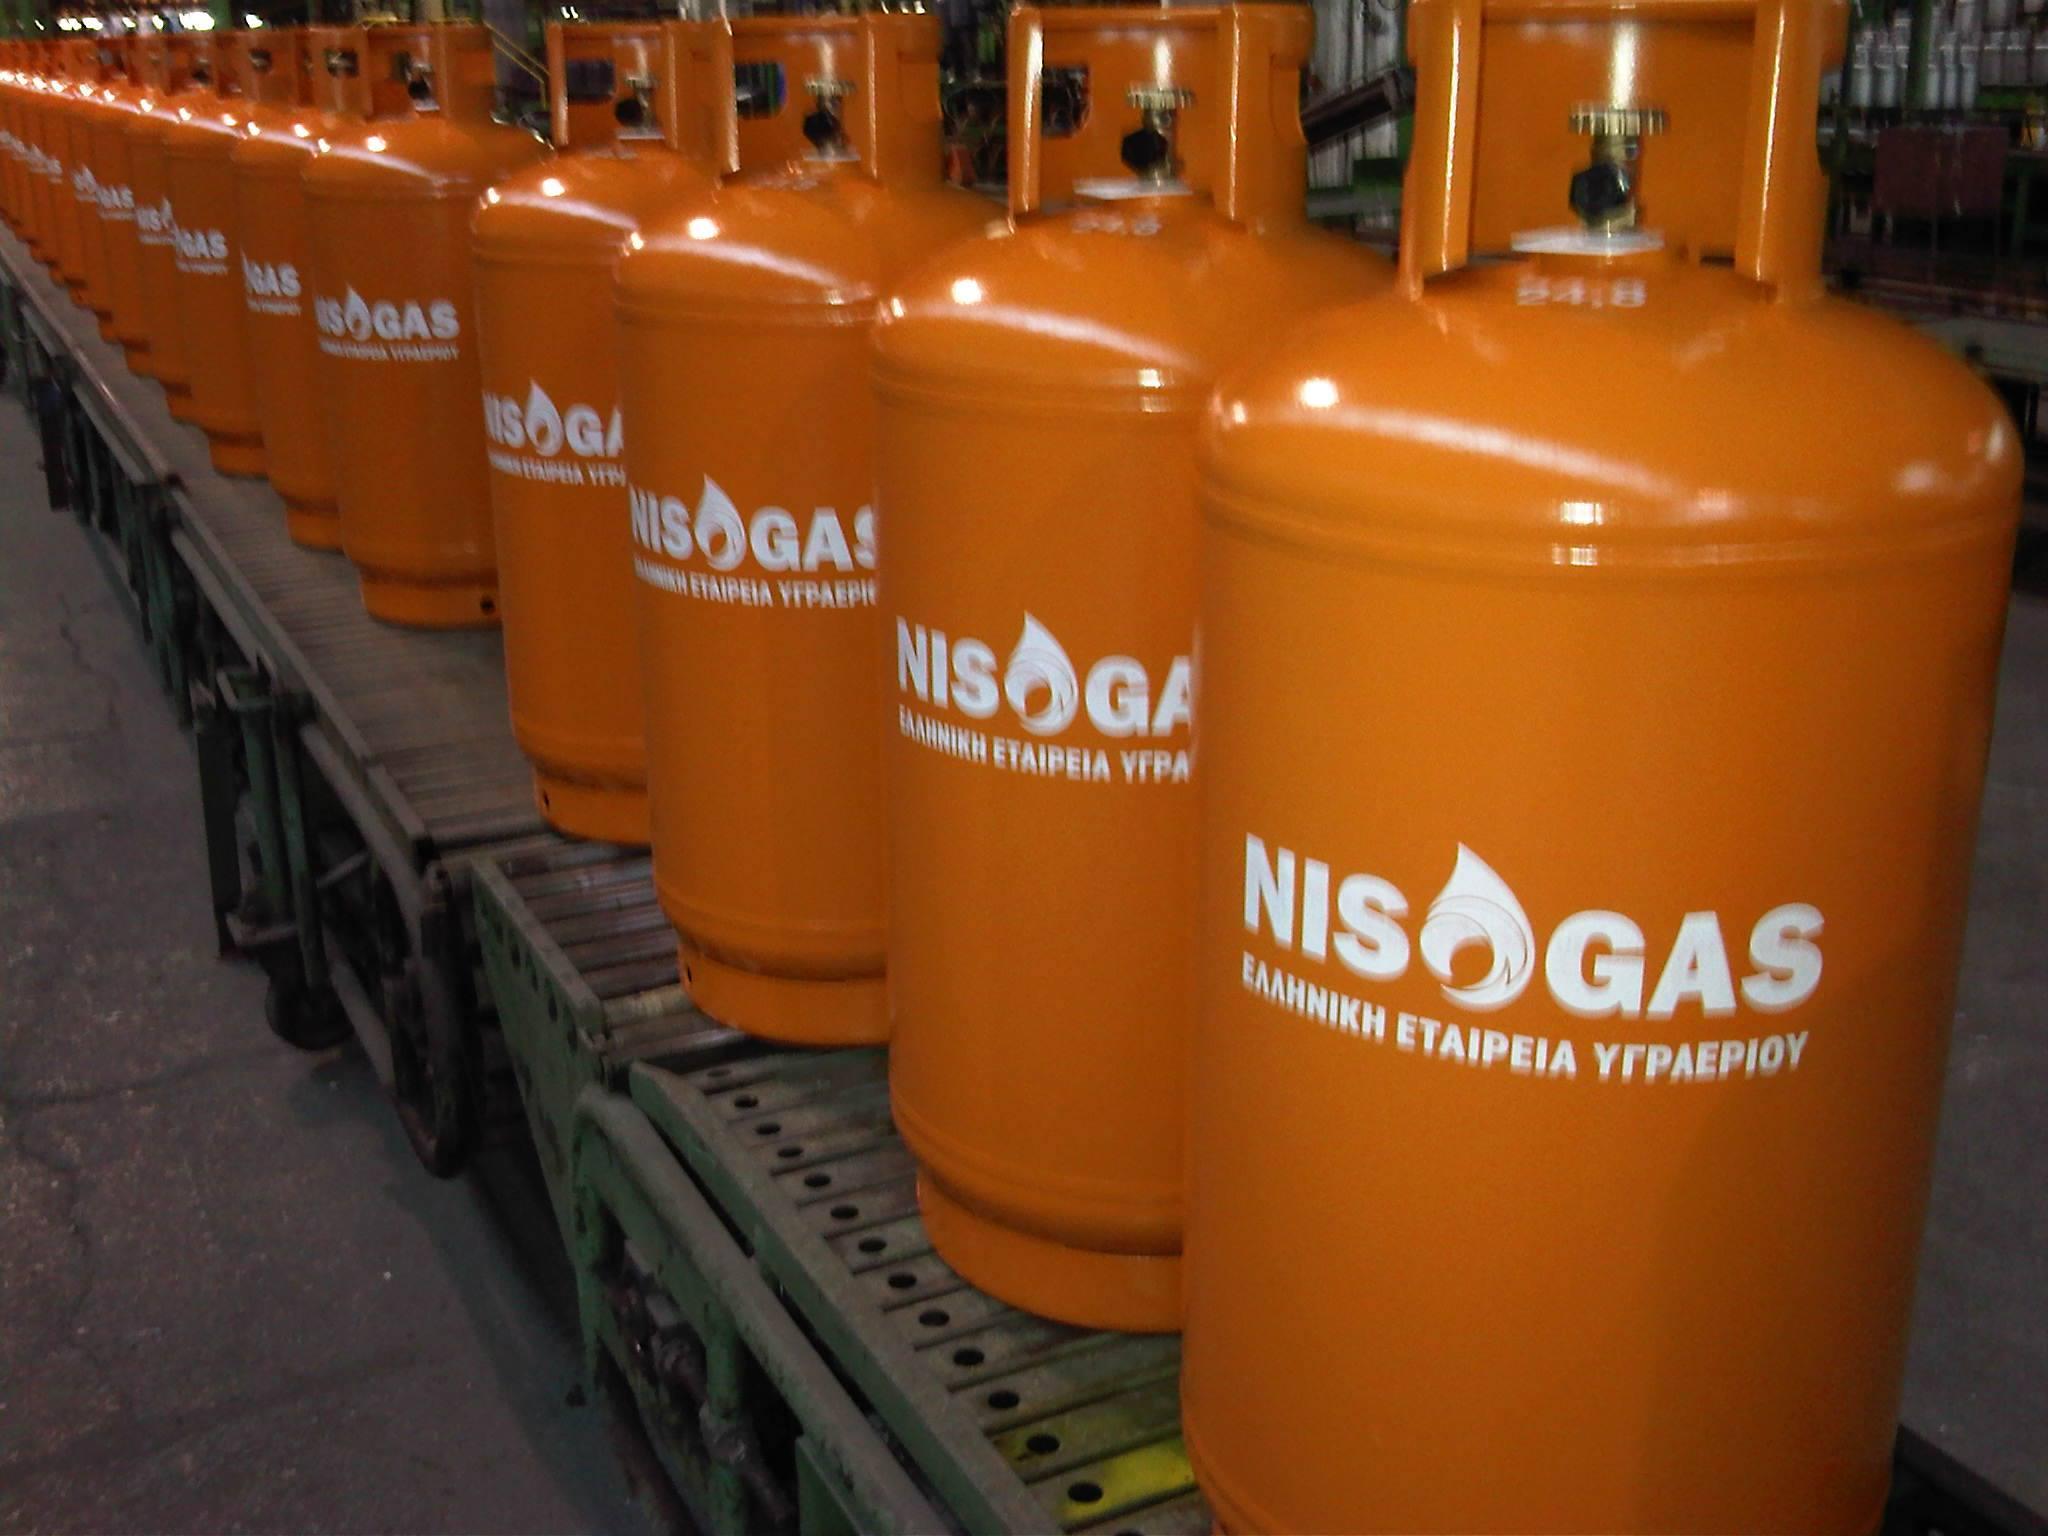 Άδεια προμήθειας ηλεκτρικής ενέργειας ζητά από τη ΡΑΕ η ΝΗΣΟΓΚΑΖ